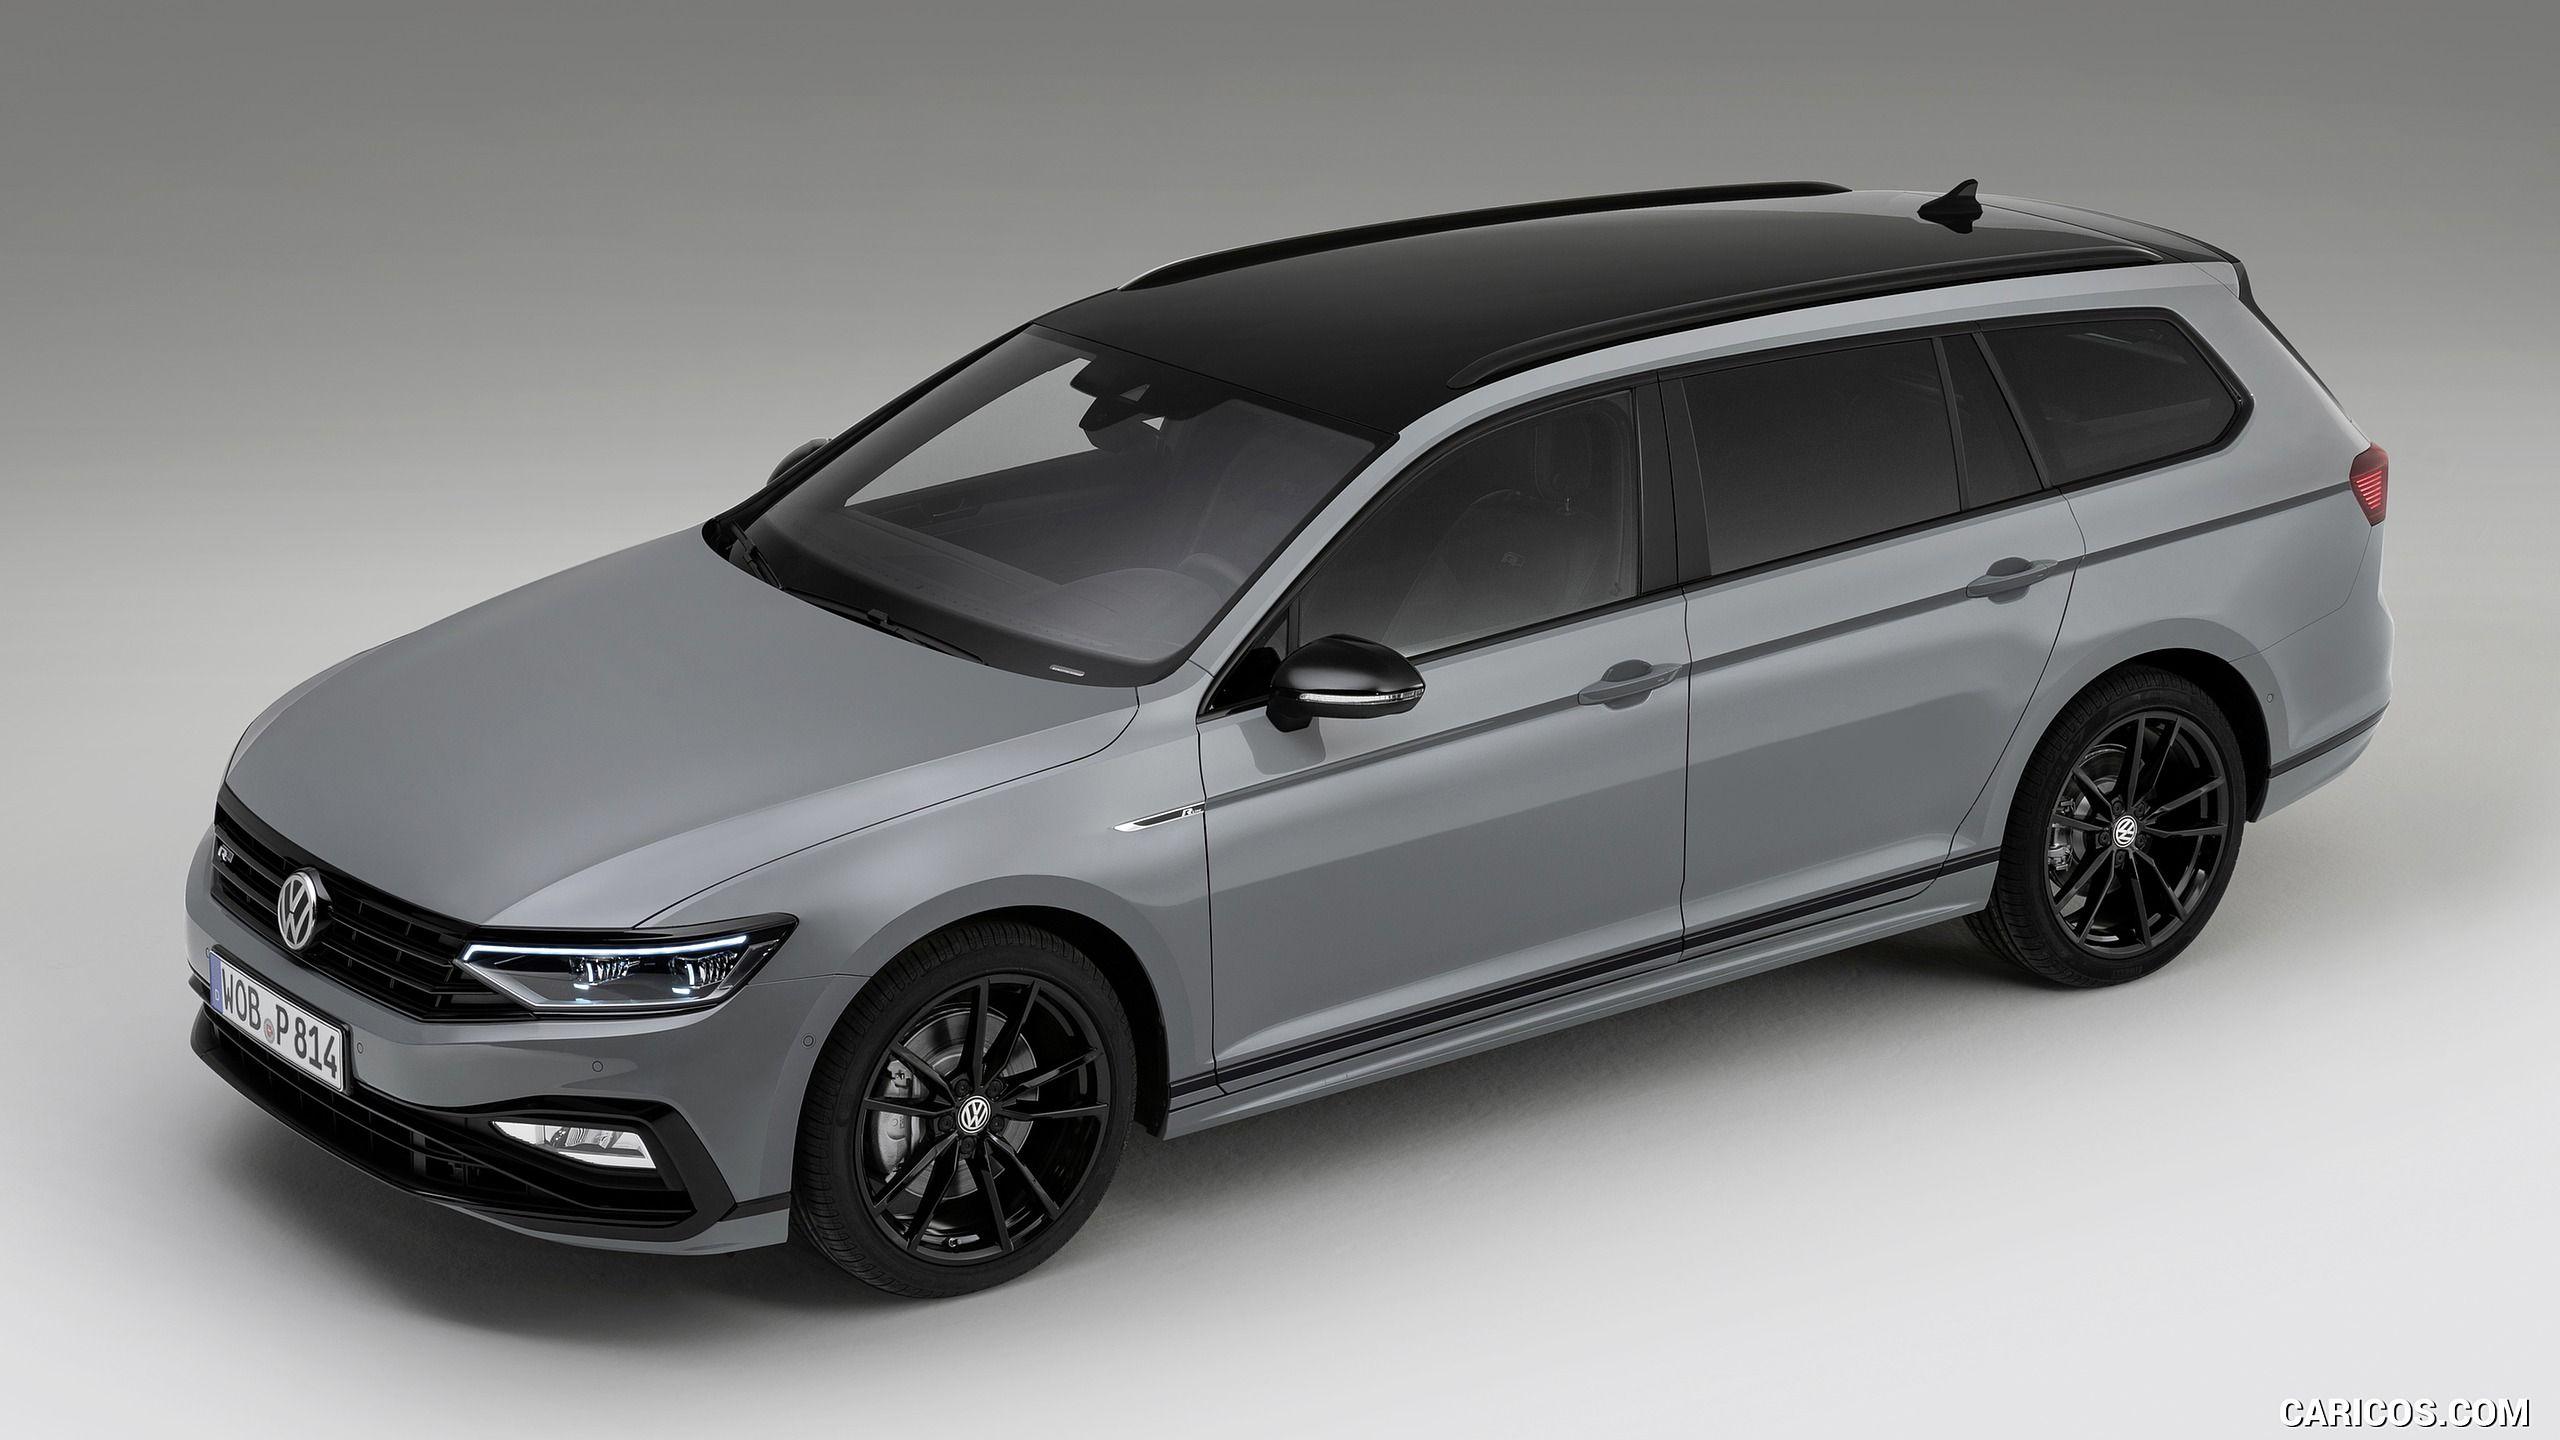 2019 Volkswagen Passat Variant R Line Edition Eu Spec Front Three Quarter Hd Vw Passat Volkswagen Passat Volkswagen